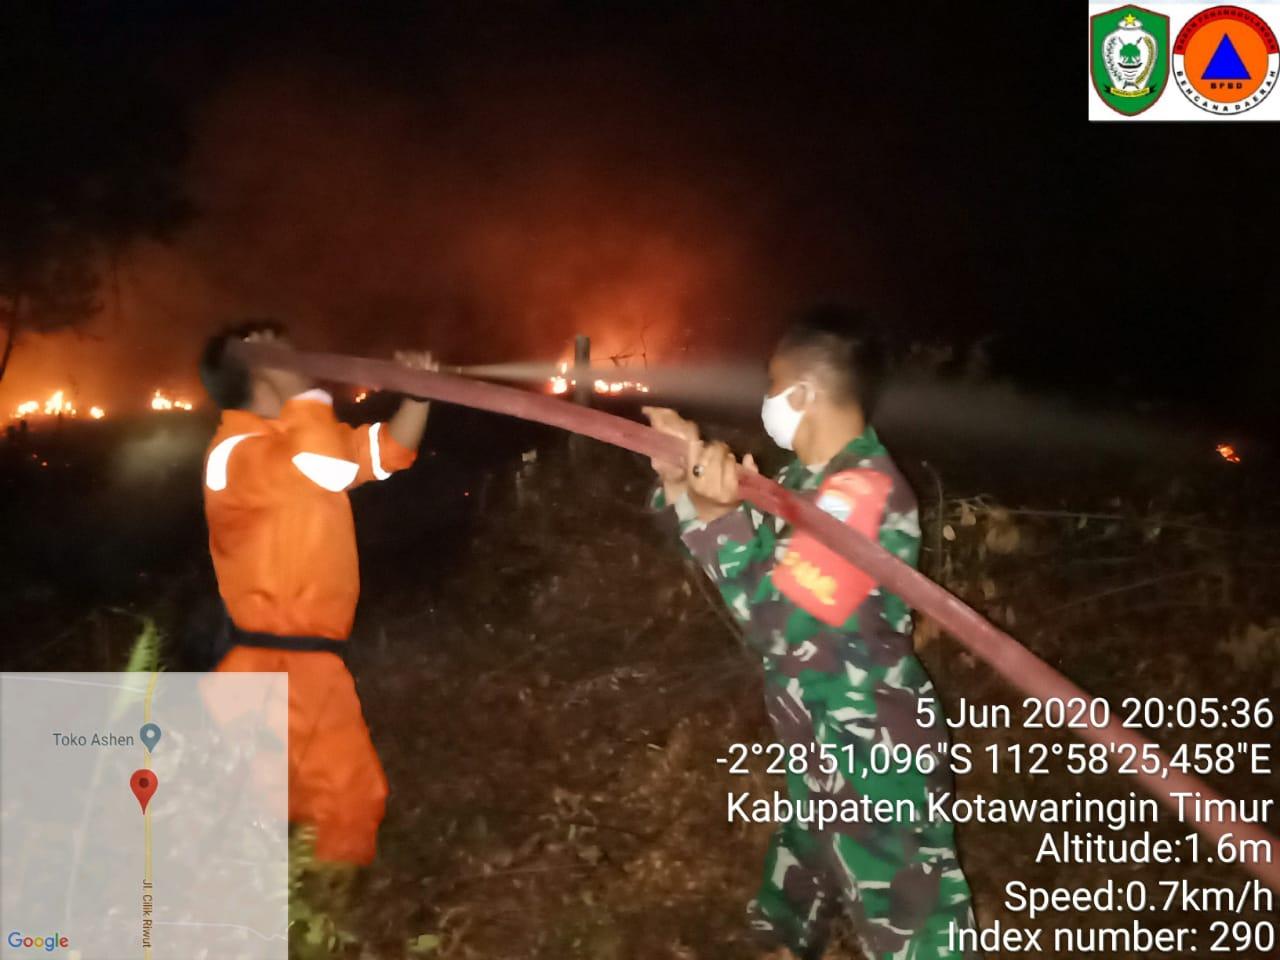 Kebakaran Lahan Mulai Banyak, Payung Hukum Harus Segera Terbit